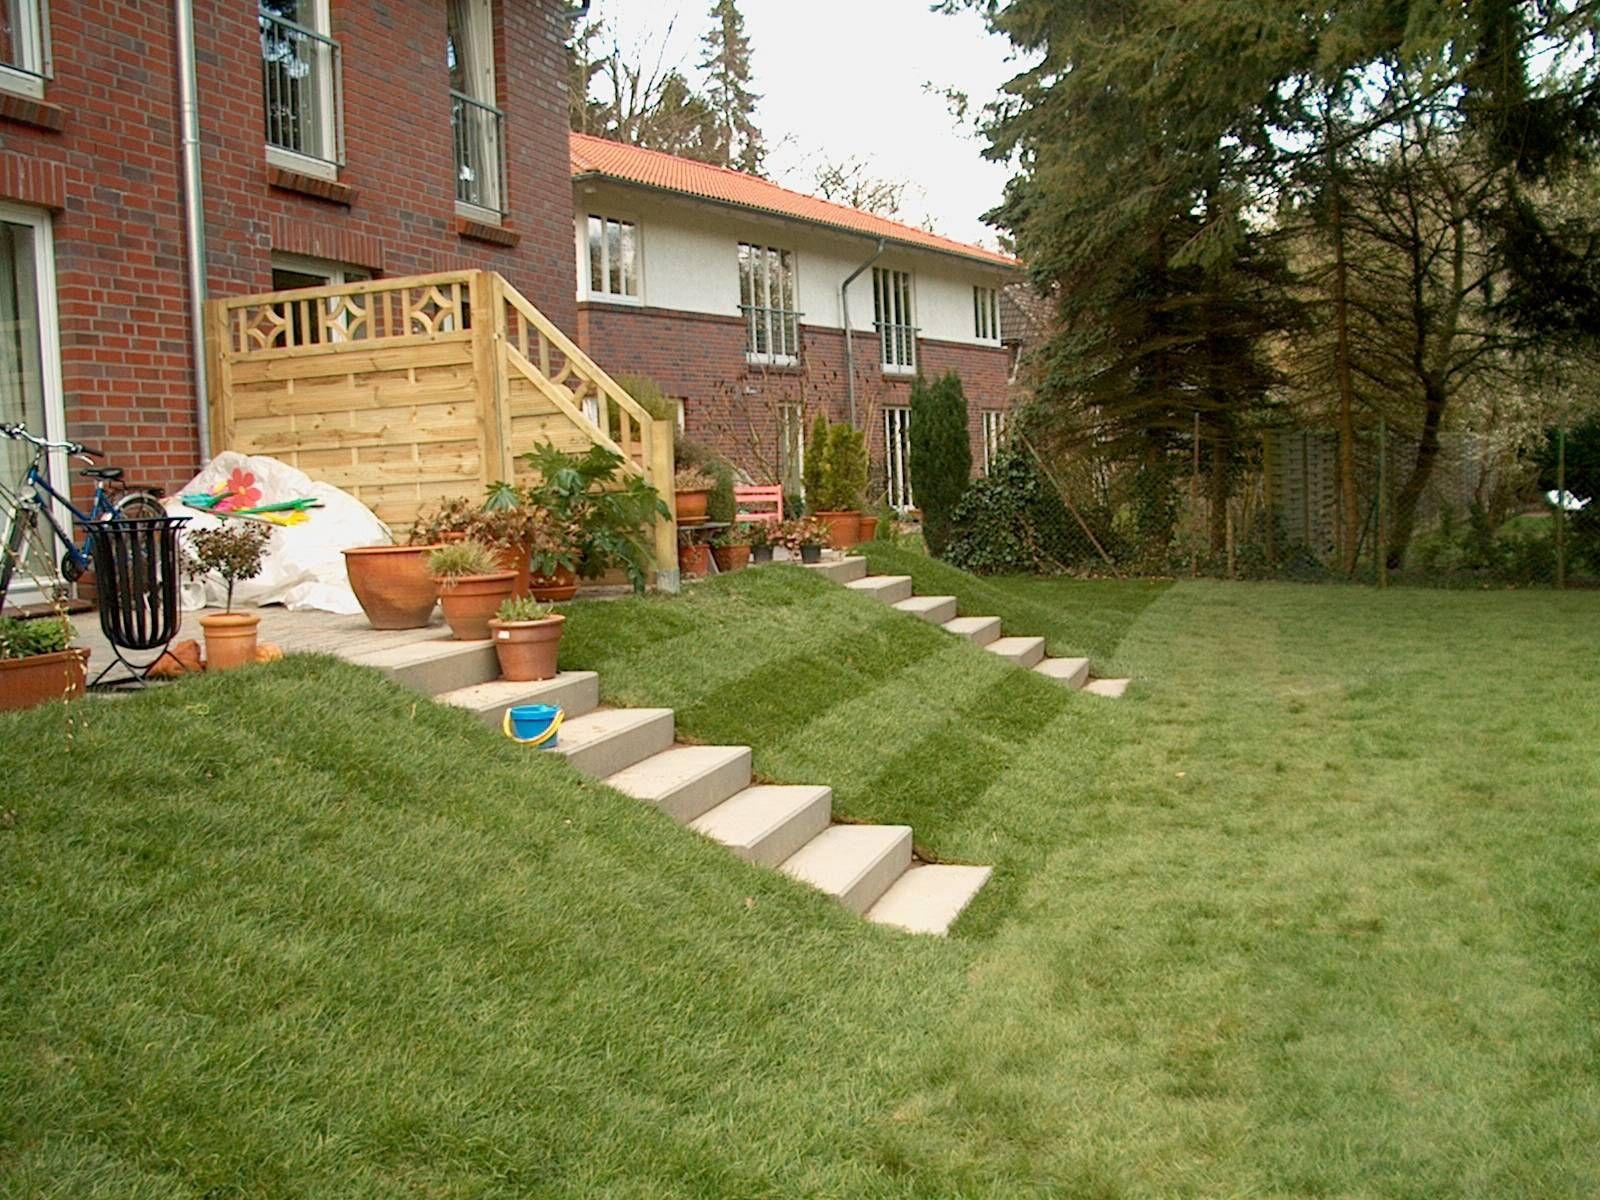 terrasse mit stufen righini garten und landschaftsbau garten pinterest landschaftsbau. Black Bedroom Furniture Sets. Home Design Ideas